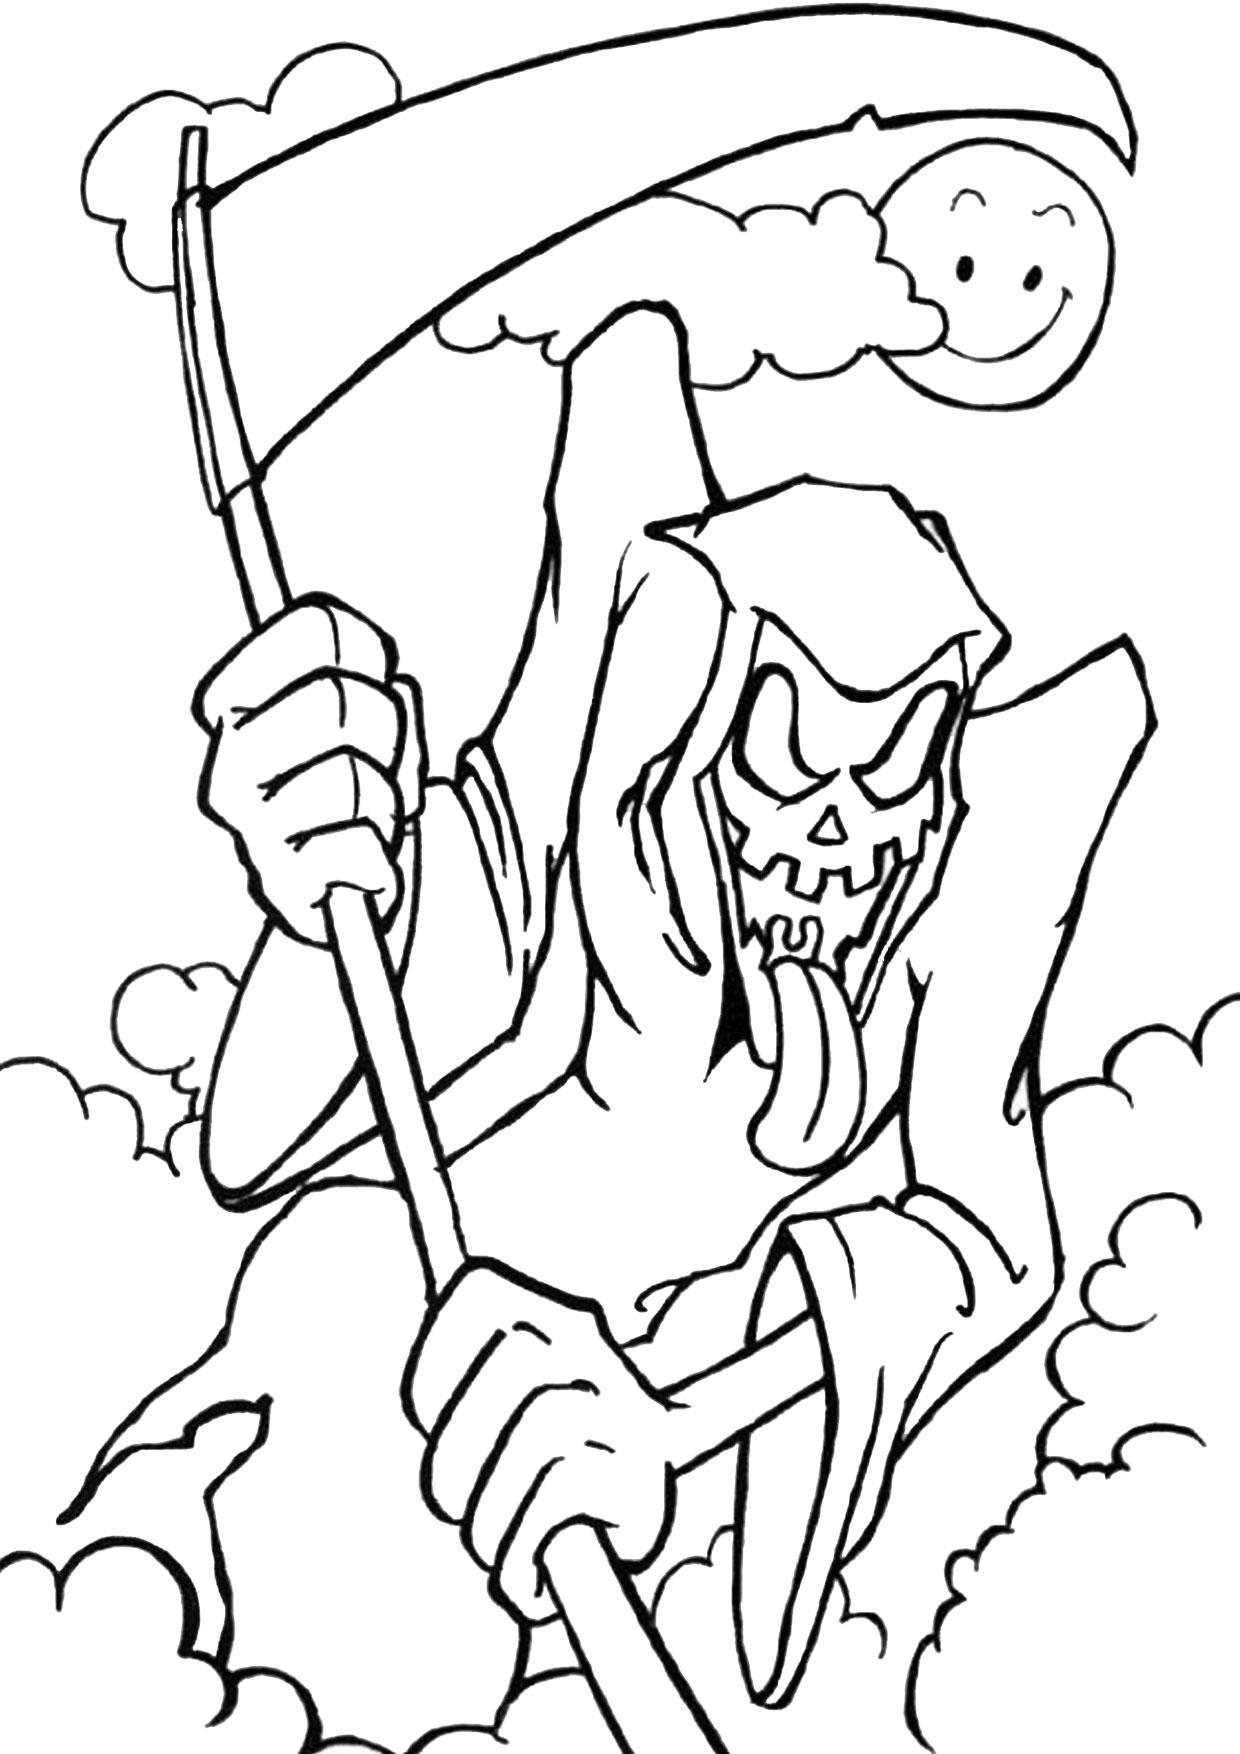 30 disegni spaventosi di halloween da colorare - Mike le pagine da colorare cavaliere ...